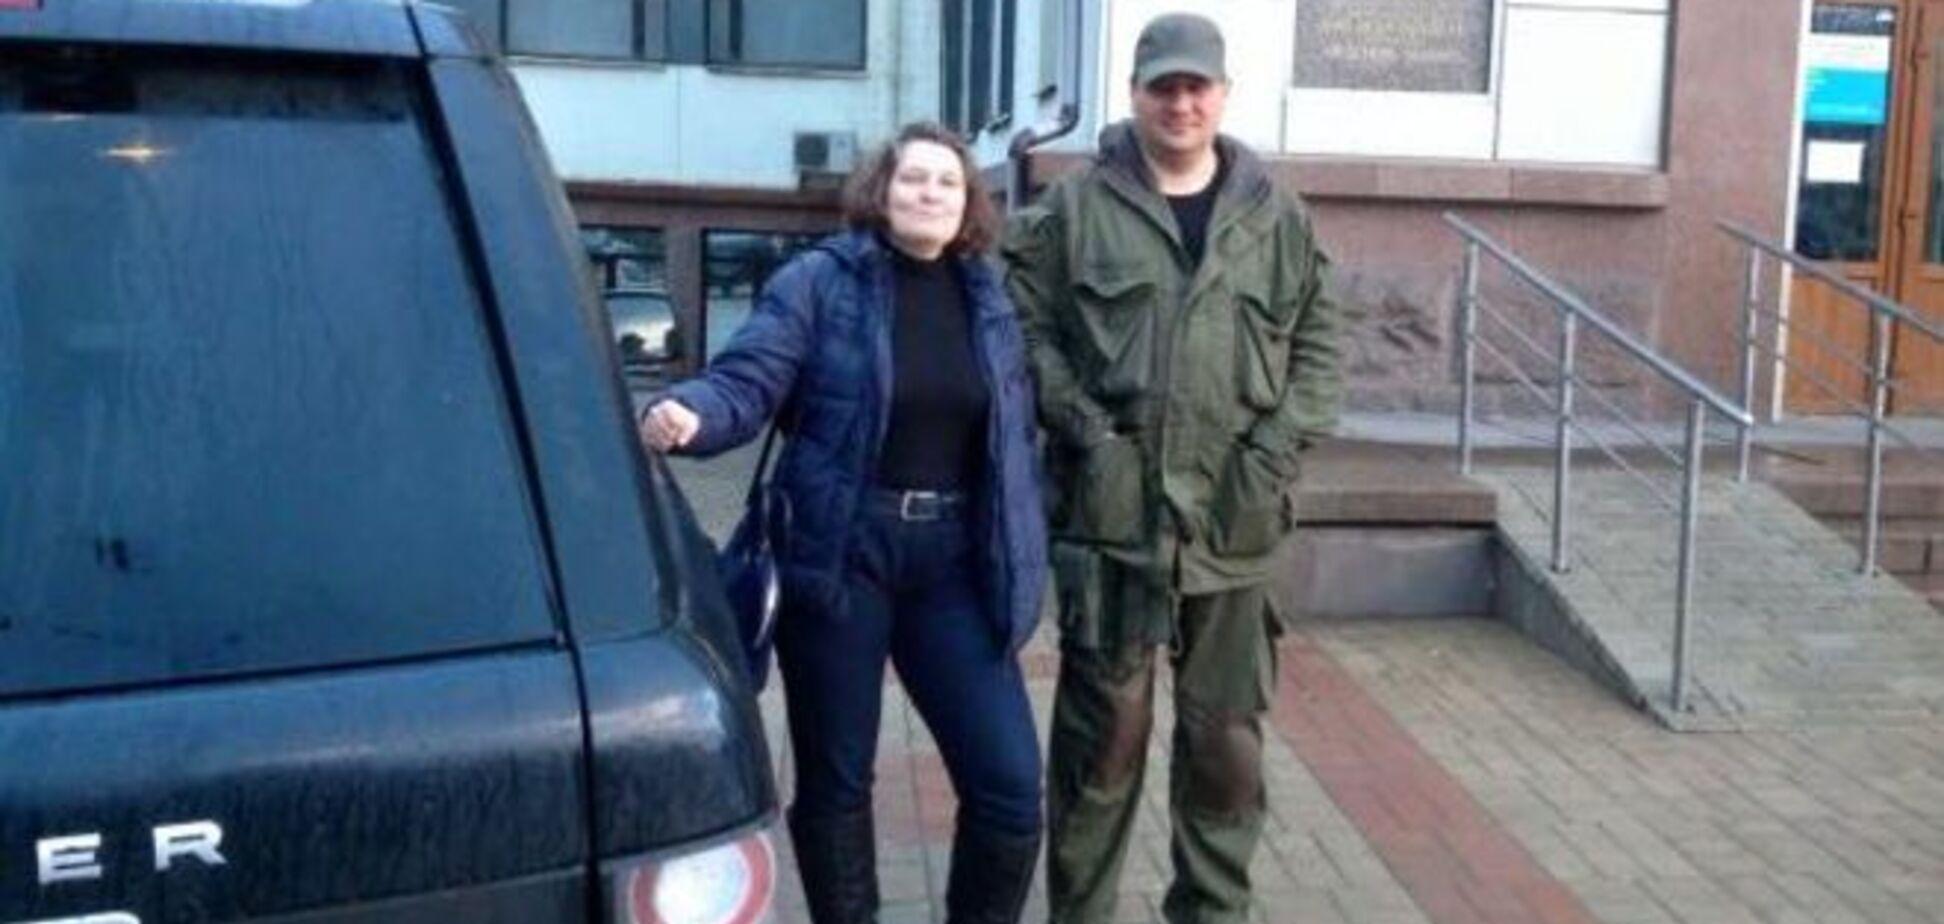 Монтян похвалилася фото з 'міністром' 'ДНР' та 'віджатою' у Клюєва машиною